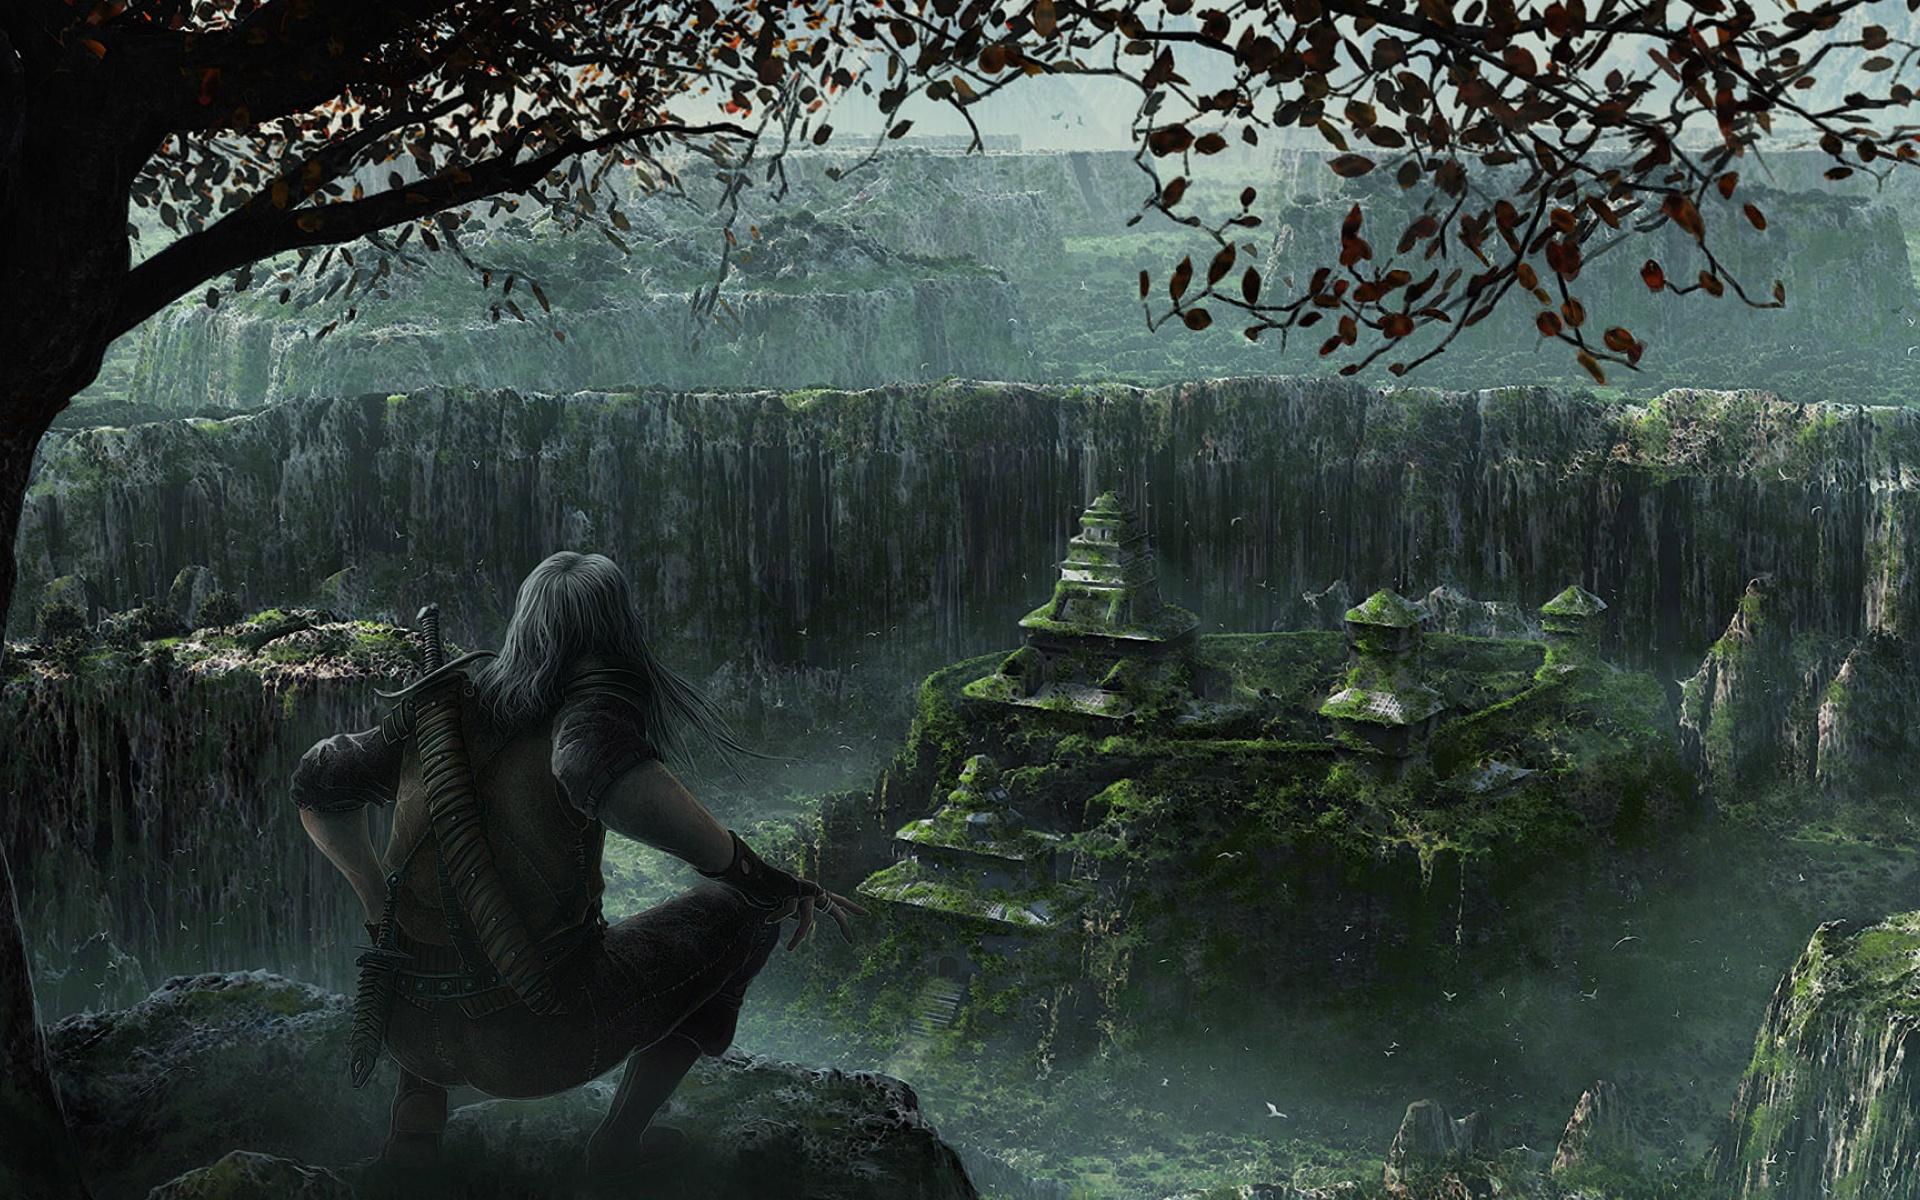 Artistic - Human  Sword Aztec Artistic City Rain Man Fantasy Art Wallpaper